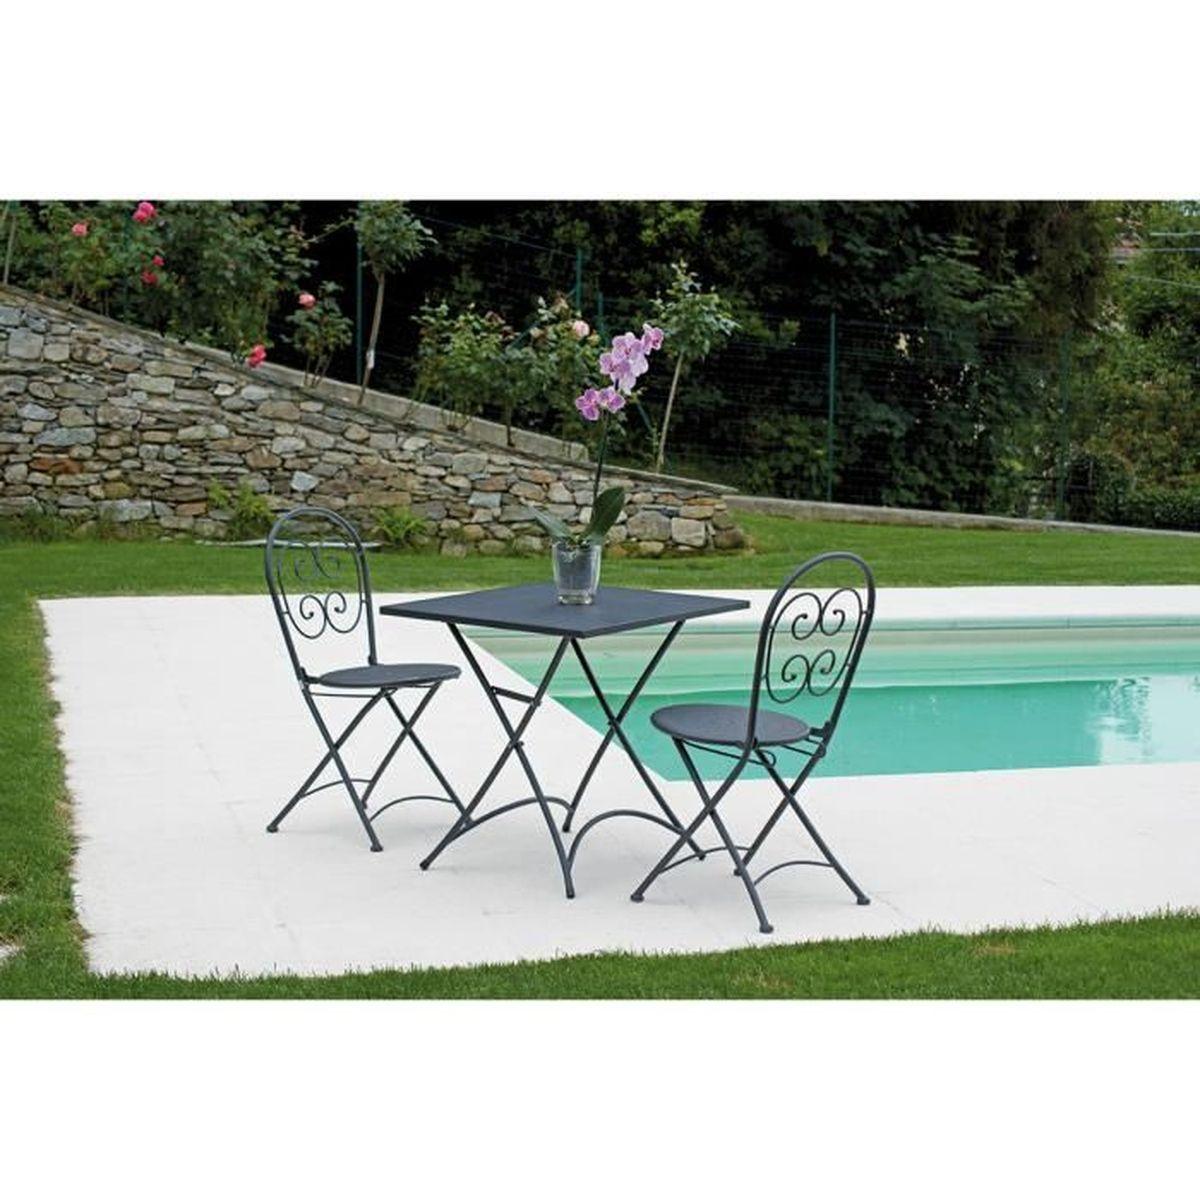 Ensemble de jardin table pliante 2 chaises en fer forg - Ensemble de jardin ...